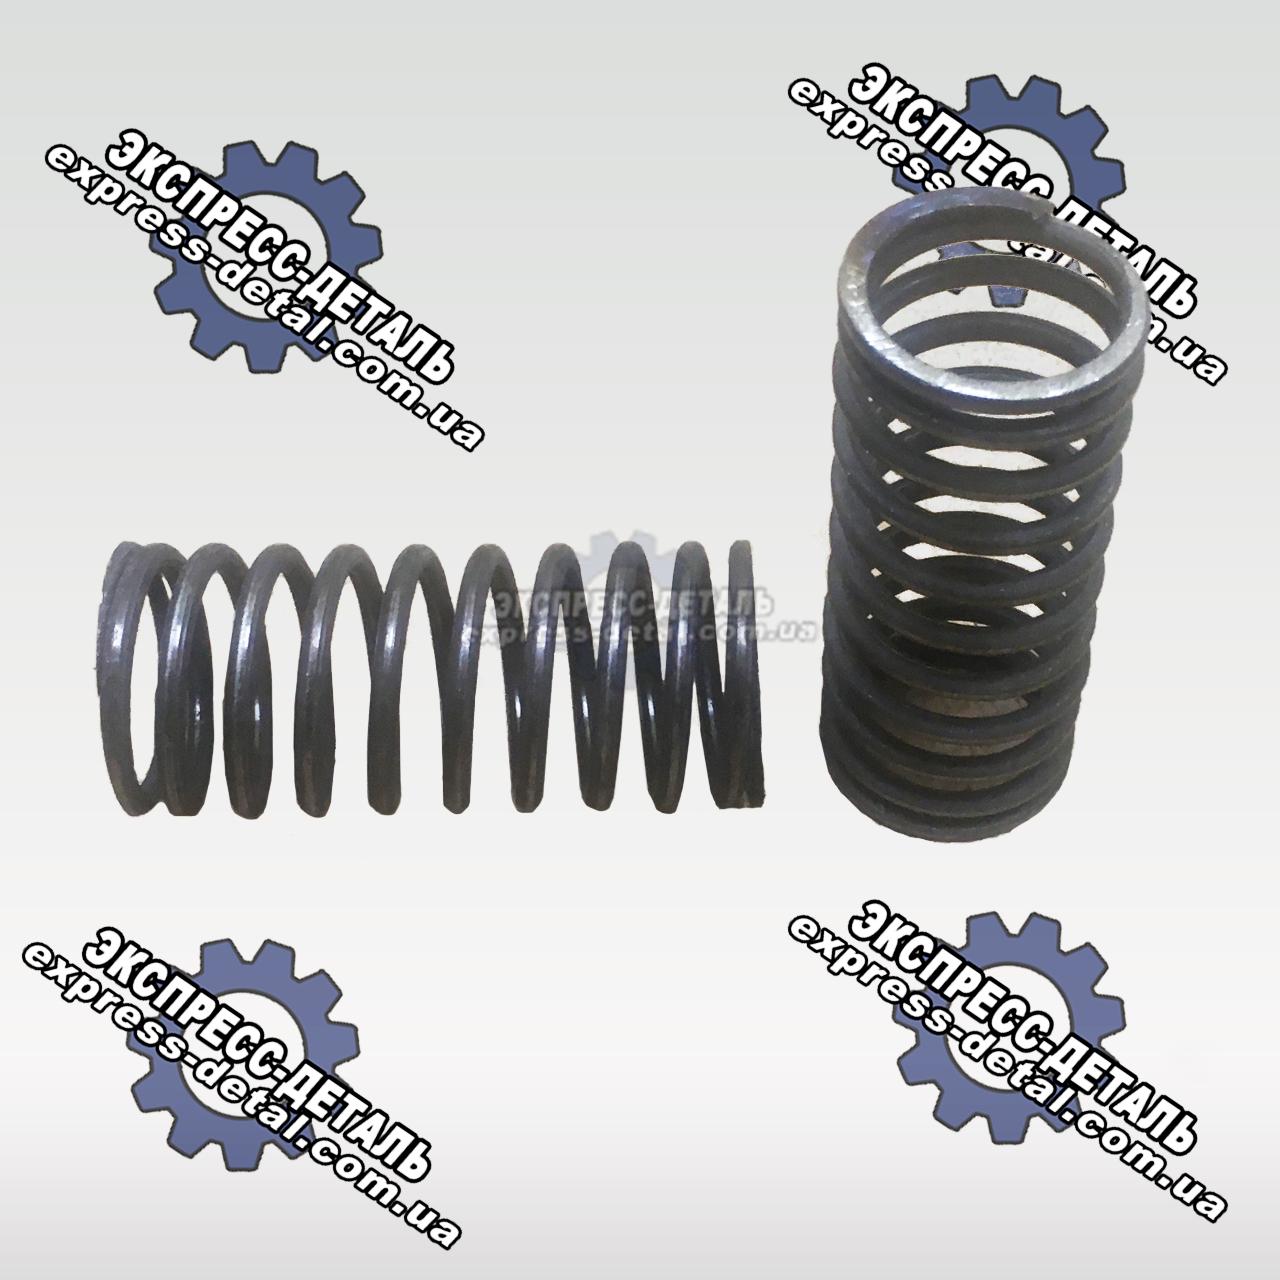 Пружина клапана внутрішня ЮМЗ Д-65 │ 50-1007046-А